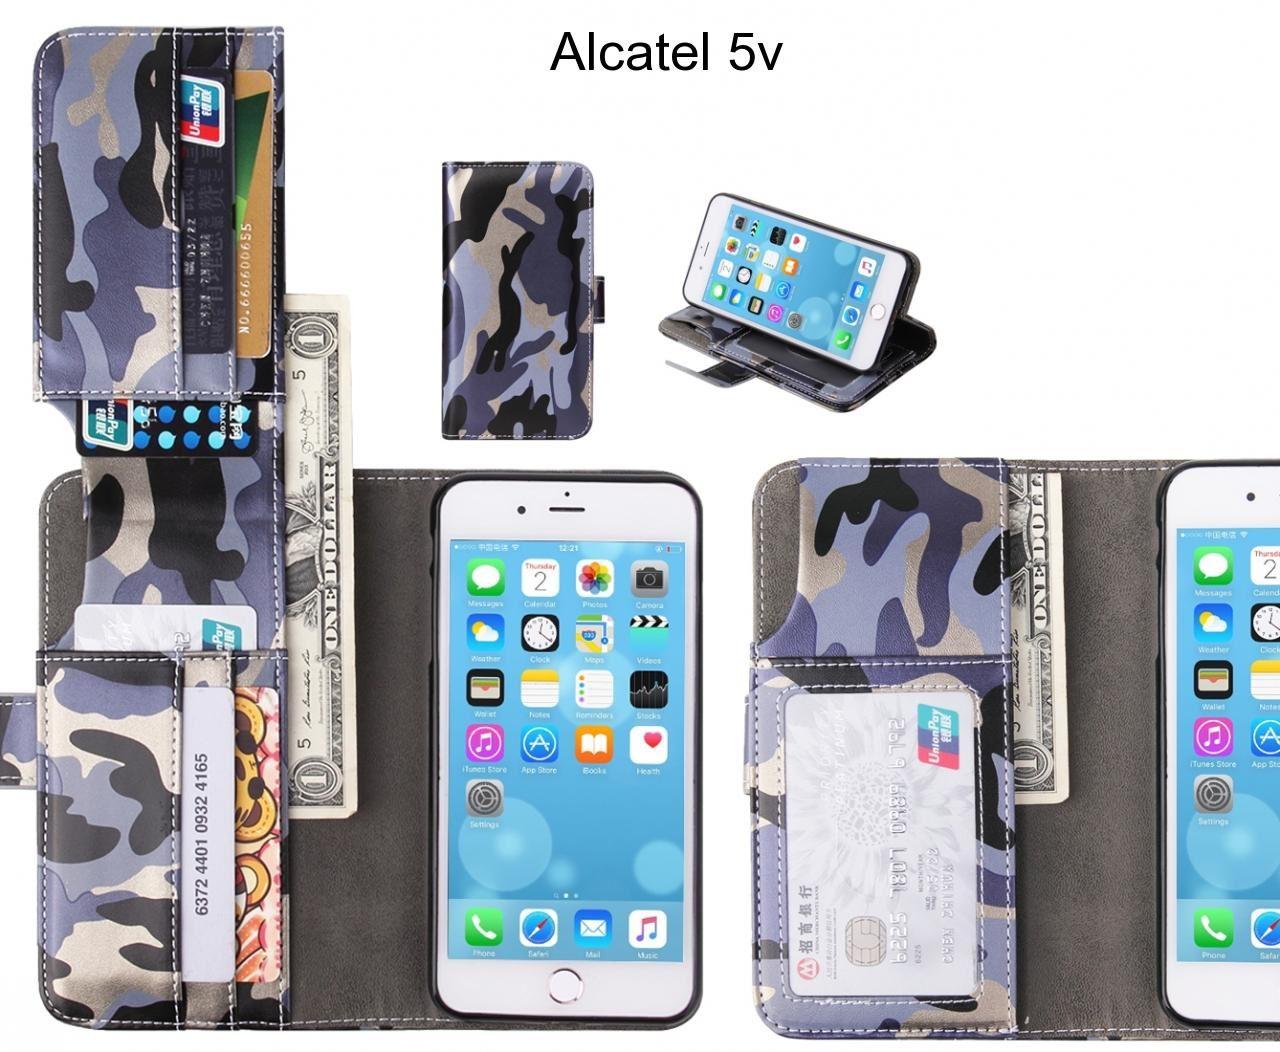 Alcatel 5v Case Wallet Leather Flip Case 7 Card Slots